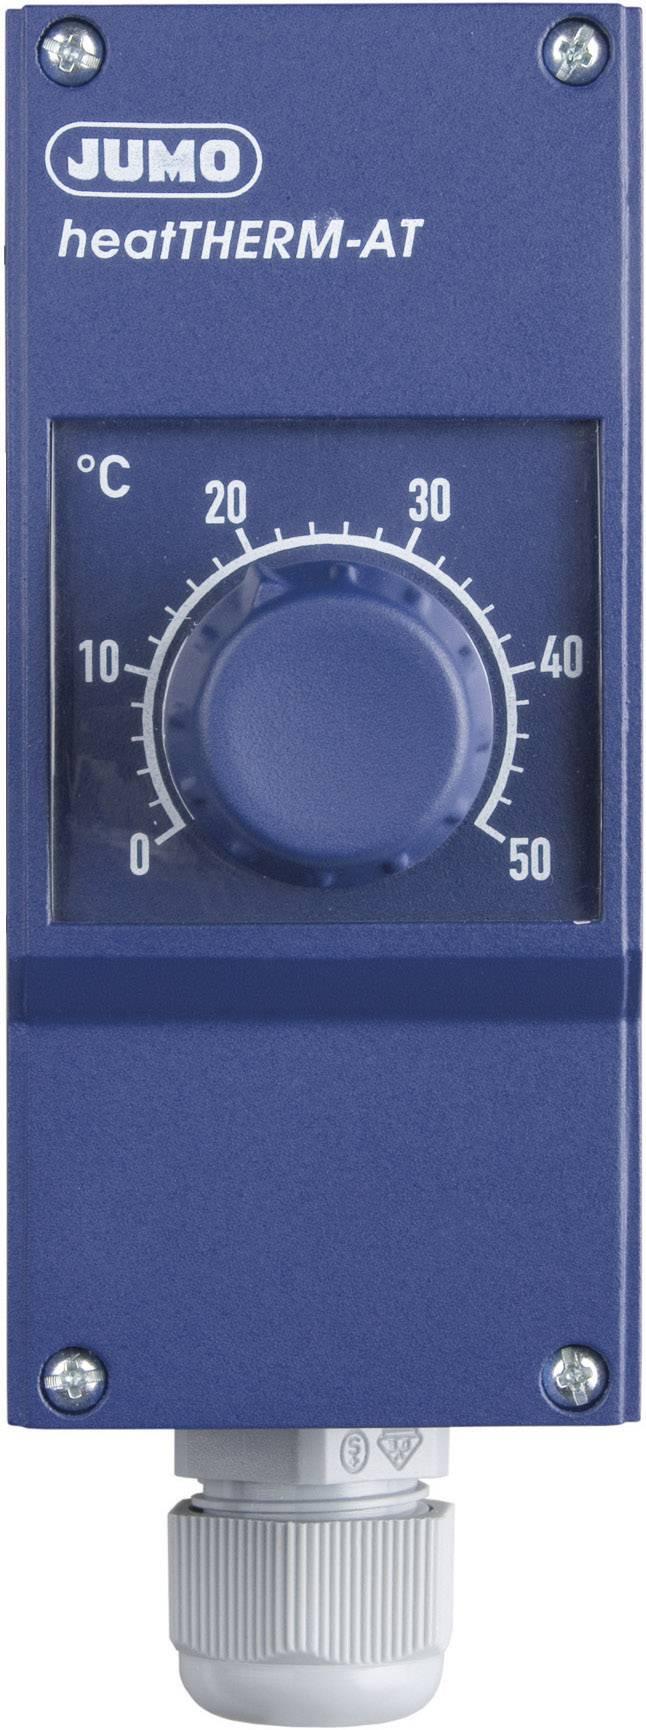 Zabudovateľný priestorový termostat Jumo heatTHERM TN-60/6003164, 16 A, 230 V